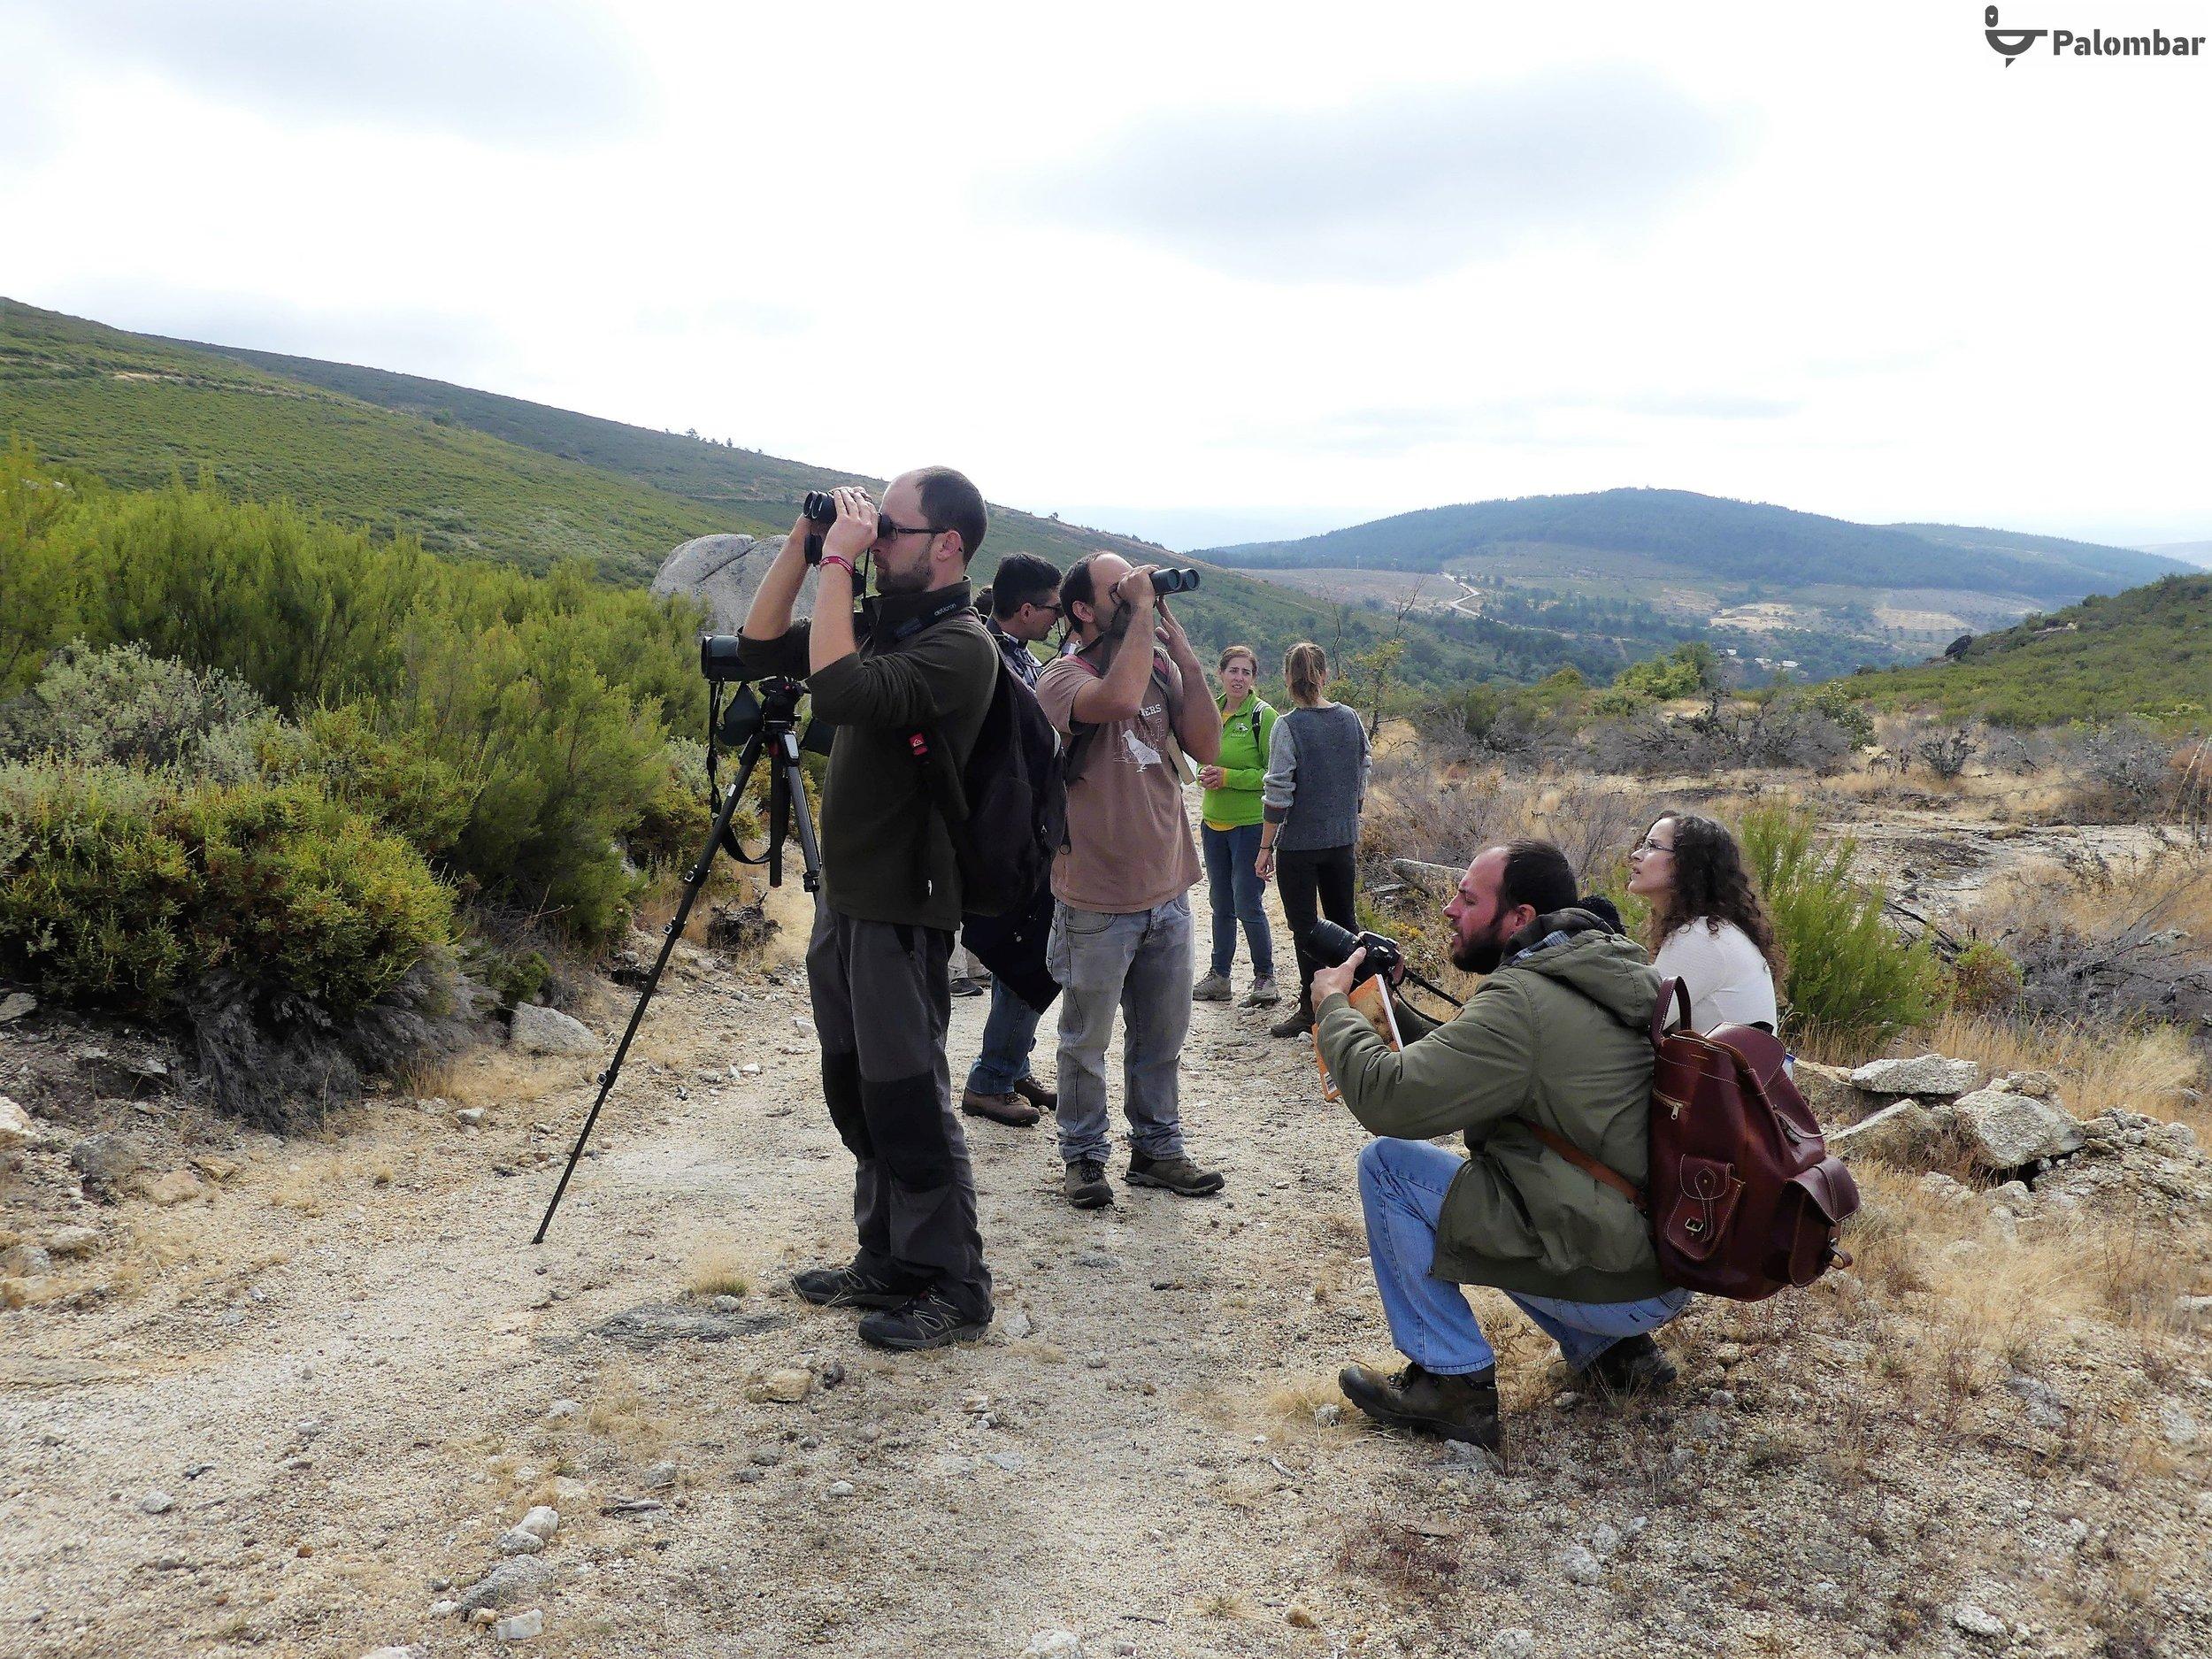 Parque Natural de Montesinho - observação de aves | 13 de outubro de 2018